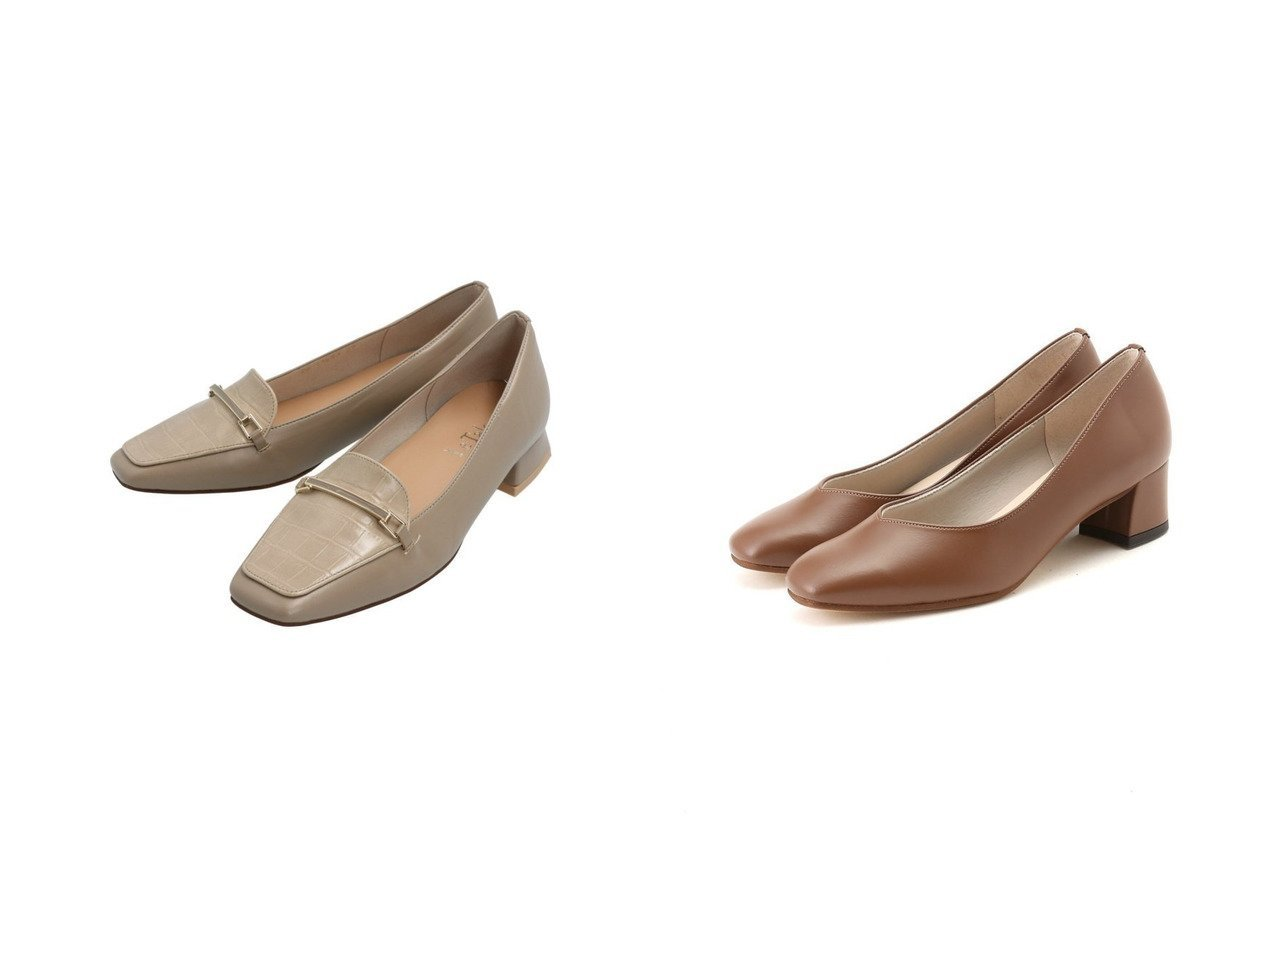 【Le Talon/ル タロン】の4cmスクエアVカットPS(21.5-25.0)&2.5cmSQビットローファー215-255)C シューズ・靴のおすすめ!人気、トレンド・レディースファッションの通販  おすすめで人気の流行・トレンド、ファッションの通販商品 メンズファッション・キッズファッション・インテリア・家具・レディースファッション・服の通販 founy(ファニー) https://founy.com/ ファッション Fashion レディースファッション WOMEN NEW・新作・新着・新入荷 New Arrivals 2020年 2020 2020-2021 秋冬 A/W AW Autumn/Winter / FW Fall-Winter 2020-2021 A/W 秋冬 AW Autumn/Winter / FW Fall-Winter インソール クッション シューズ スクエア 2020 春夏 S/S SS Spring/Summer 2020 S/S 春夏 SS Spring/Summer タイツ ワイド |ID:crp329100000009826